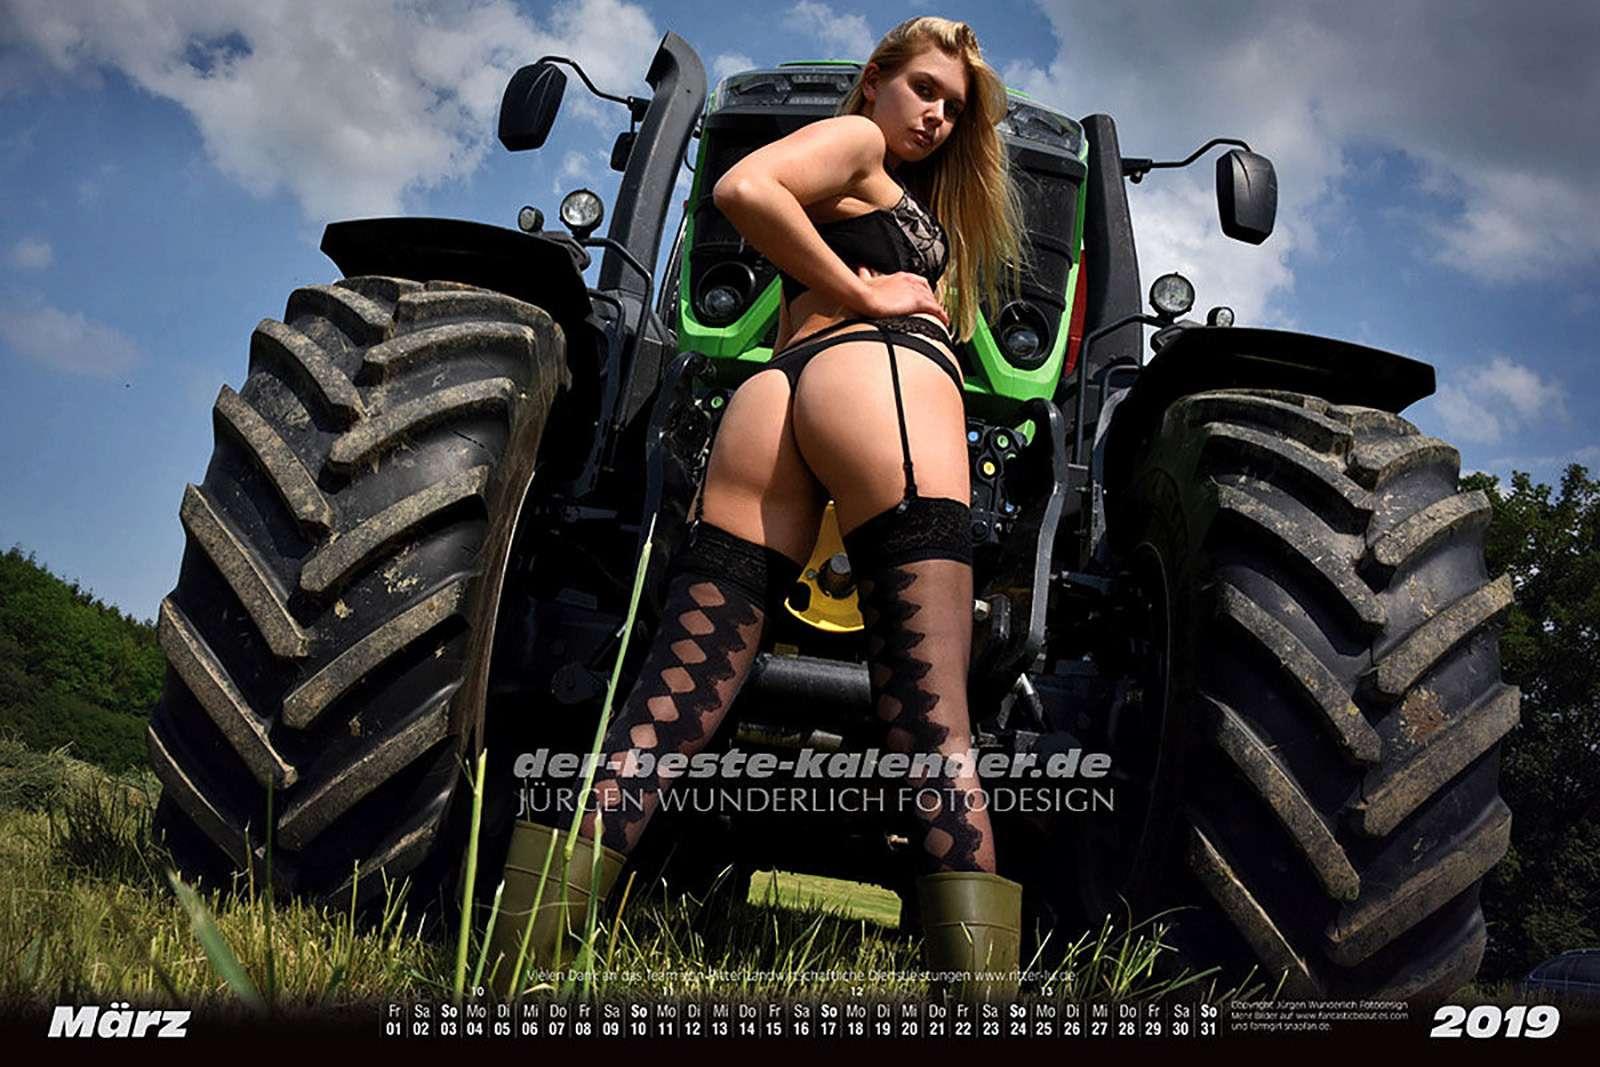 Секс ифермерская техника— провокационный календарь на2019год— фото 938693